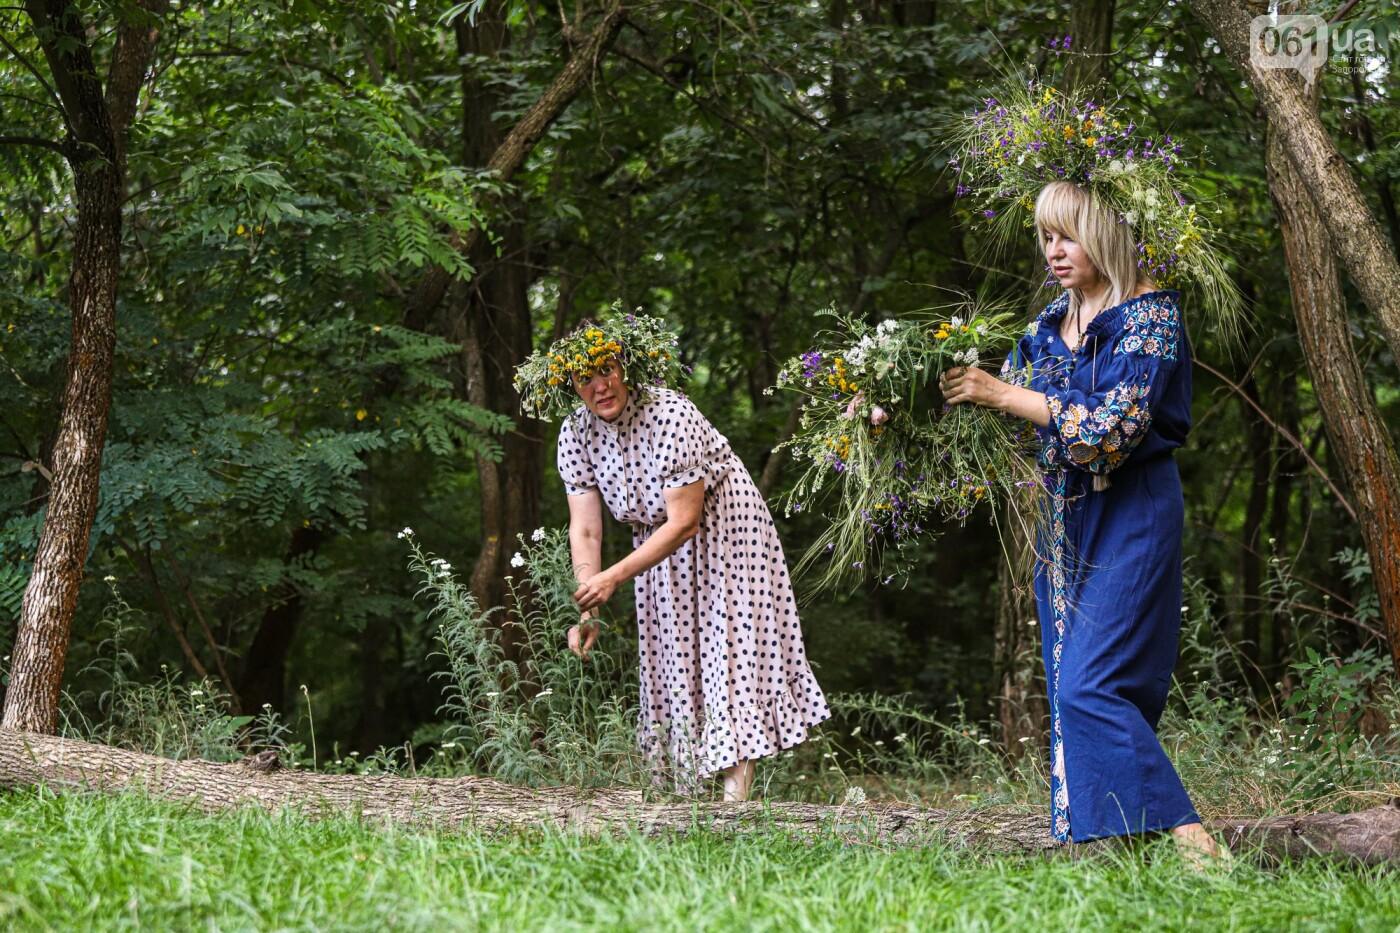 Огонь и дубовые венки: как на Хортице отметили праздник Перуна, - ФОТОРЕПОРТАЖ, фото-10